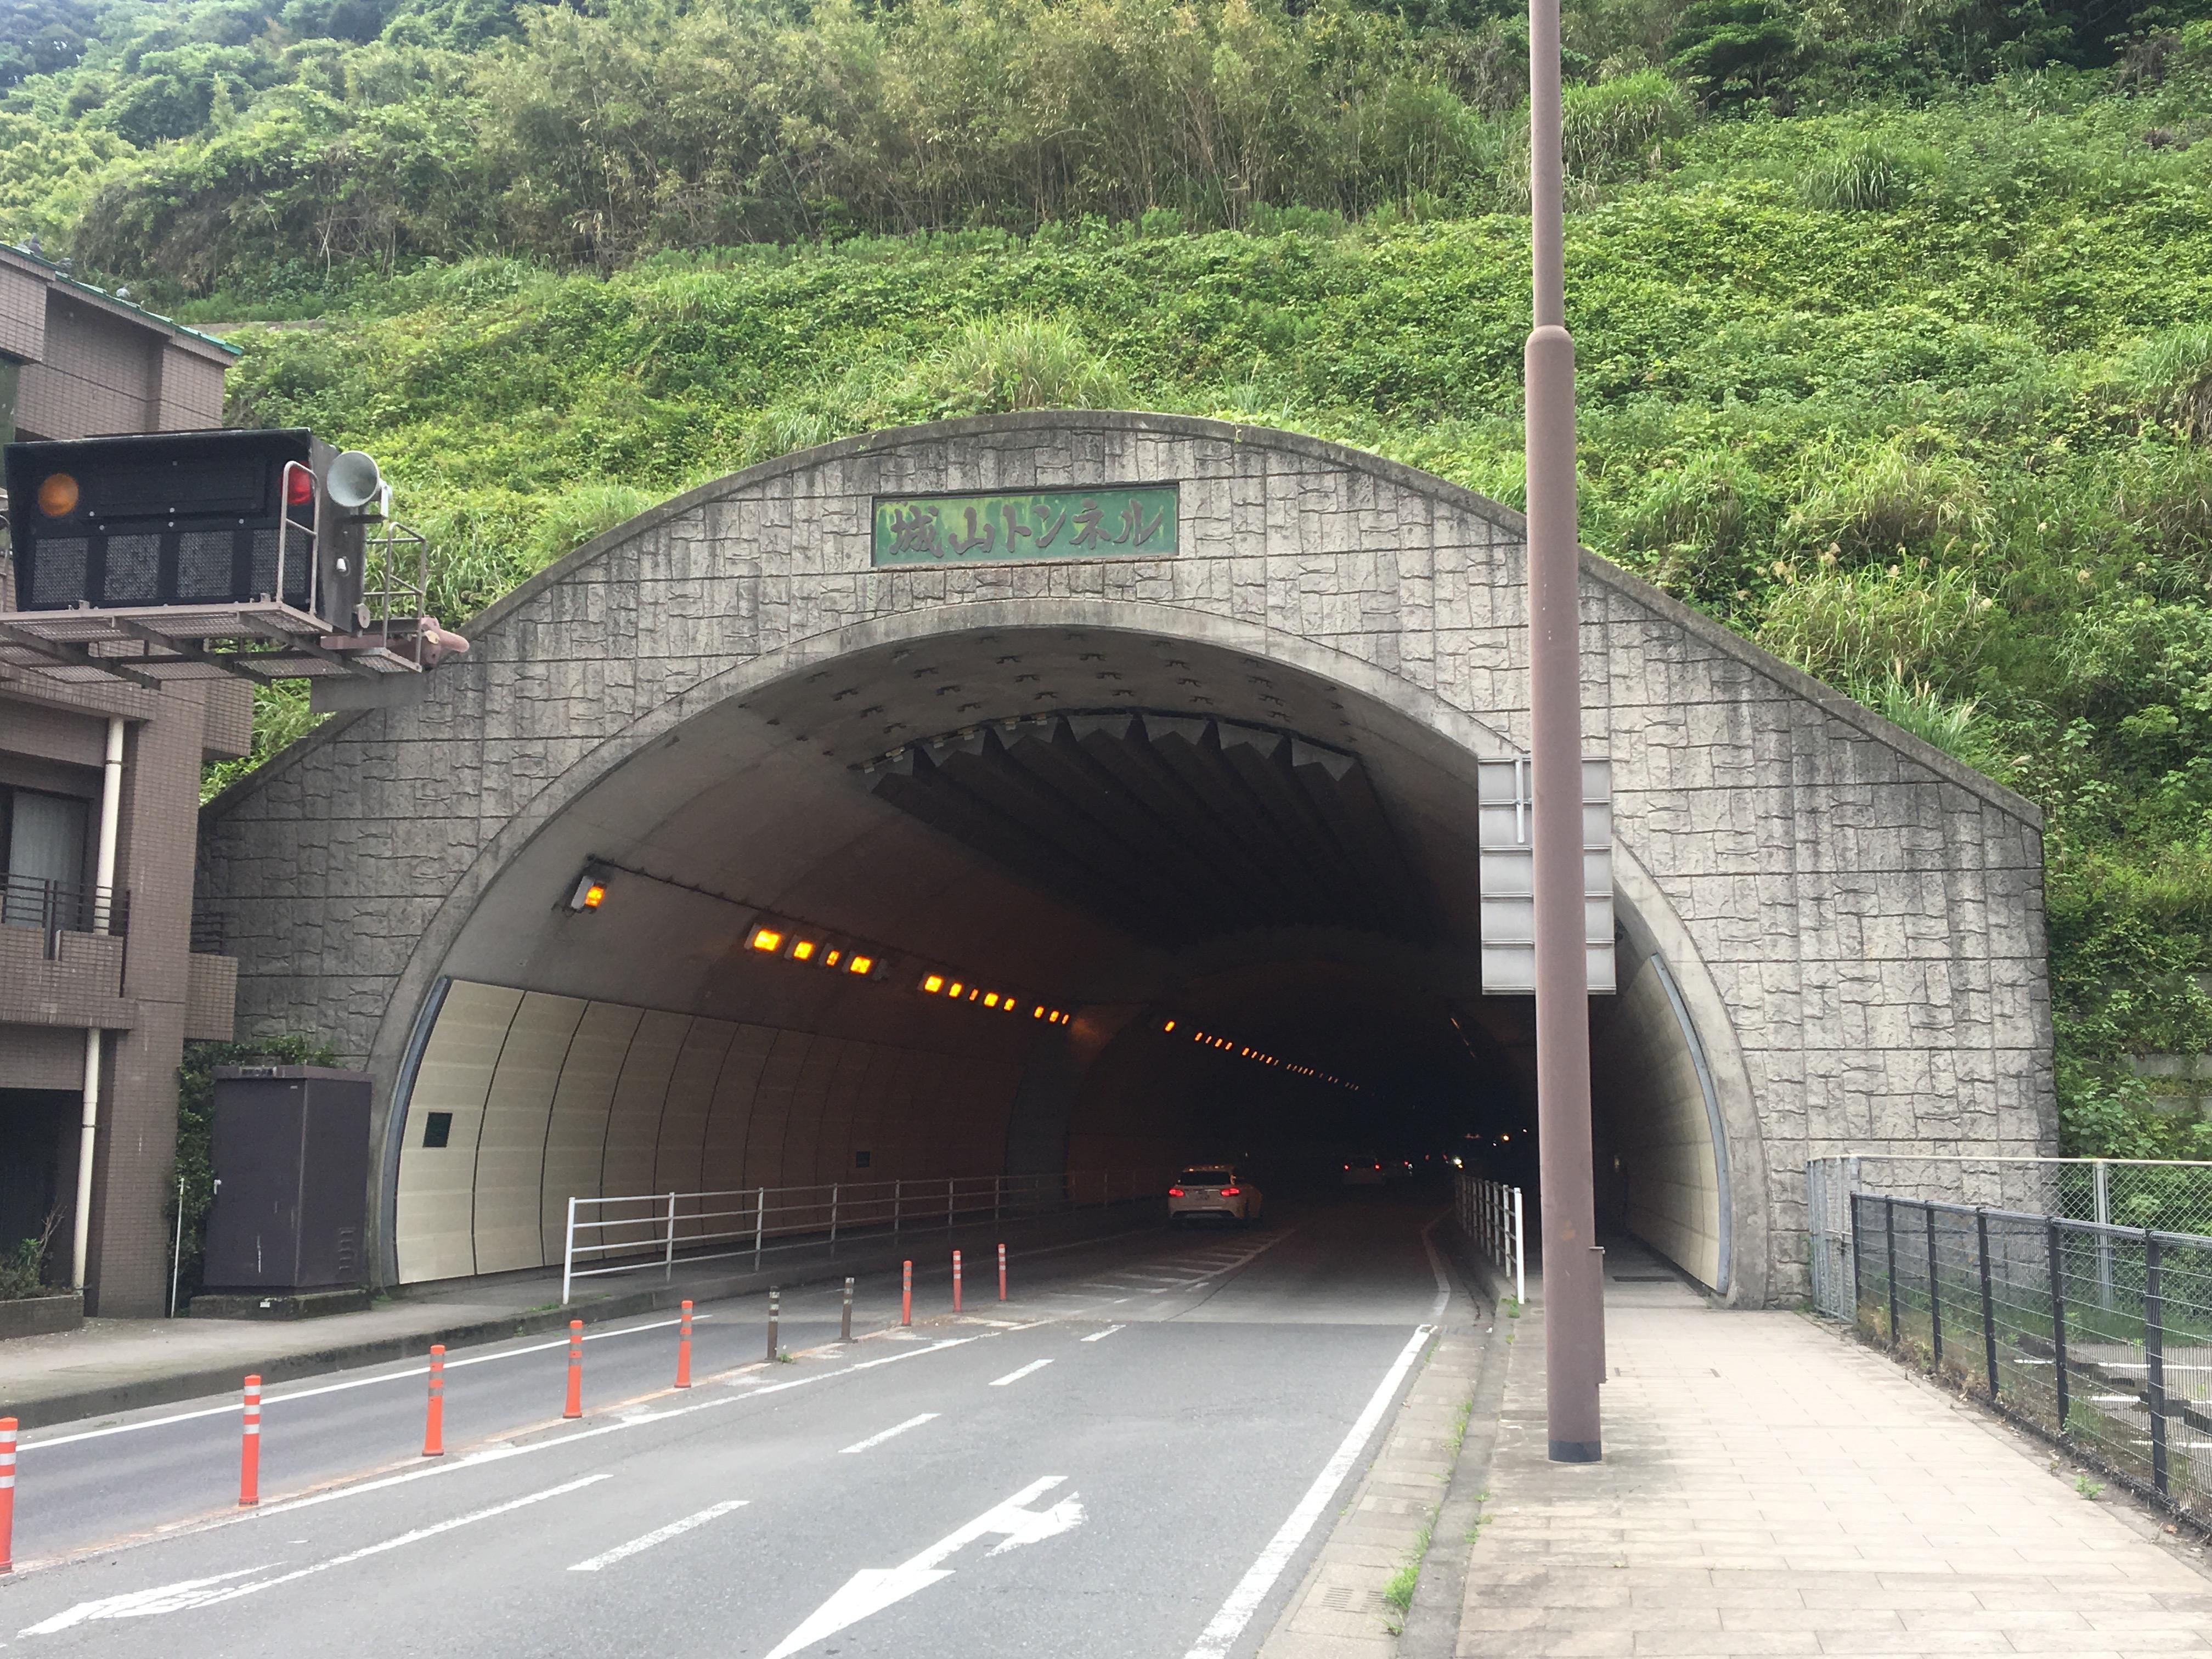 鹿児島市の城山トンネルをじっくり眺めてみると色々発見がある